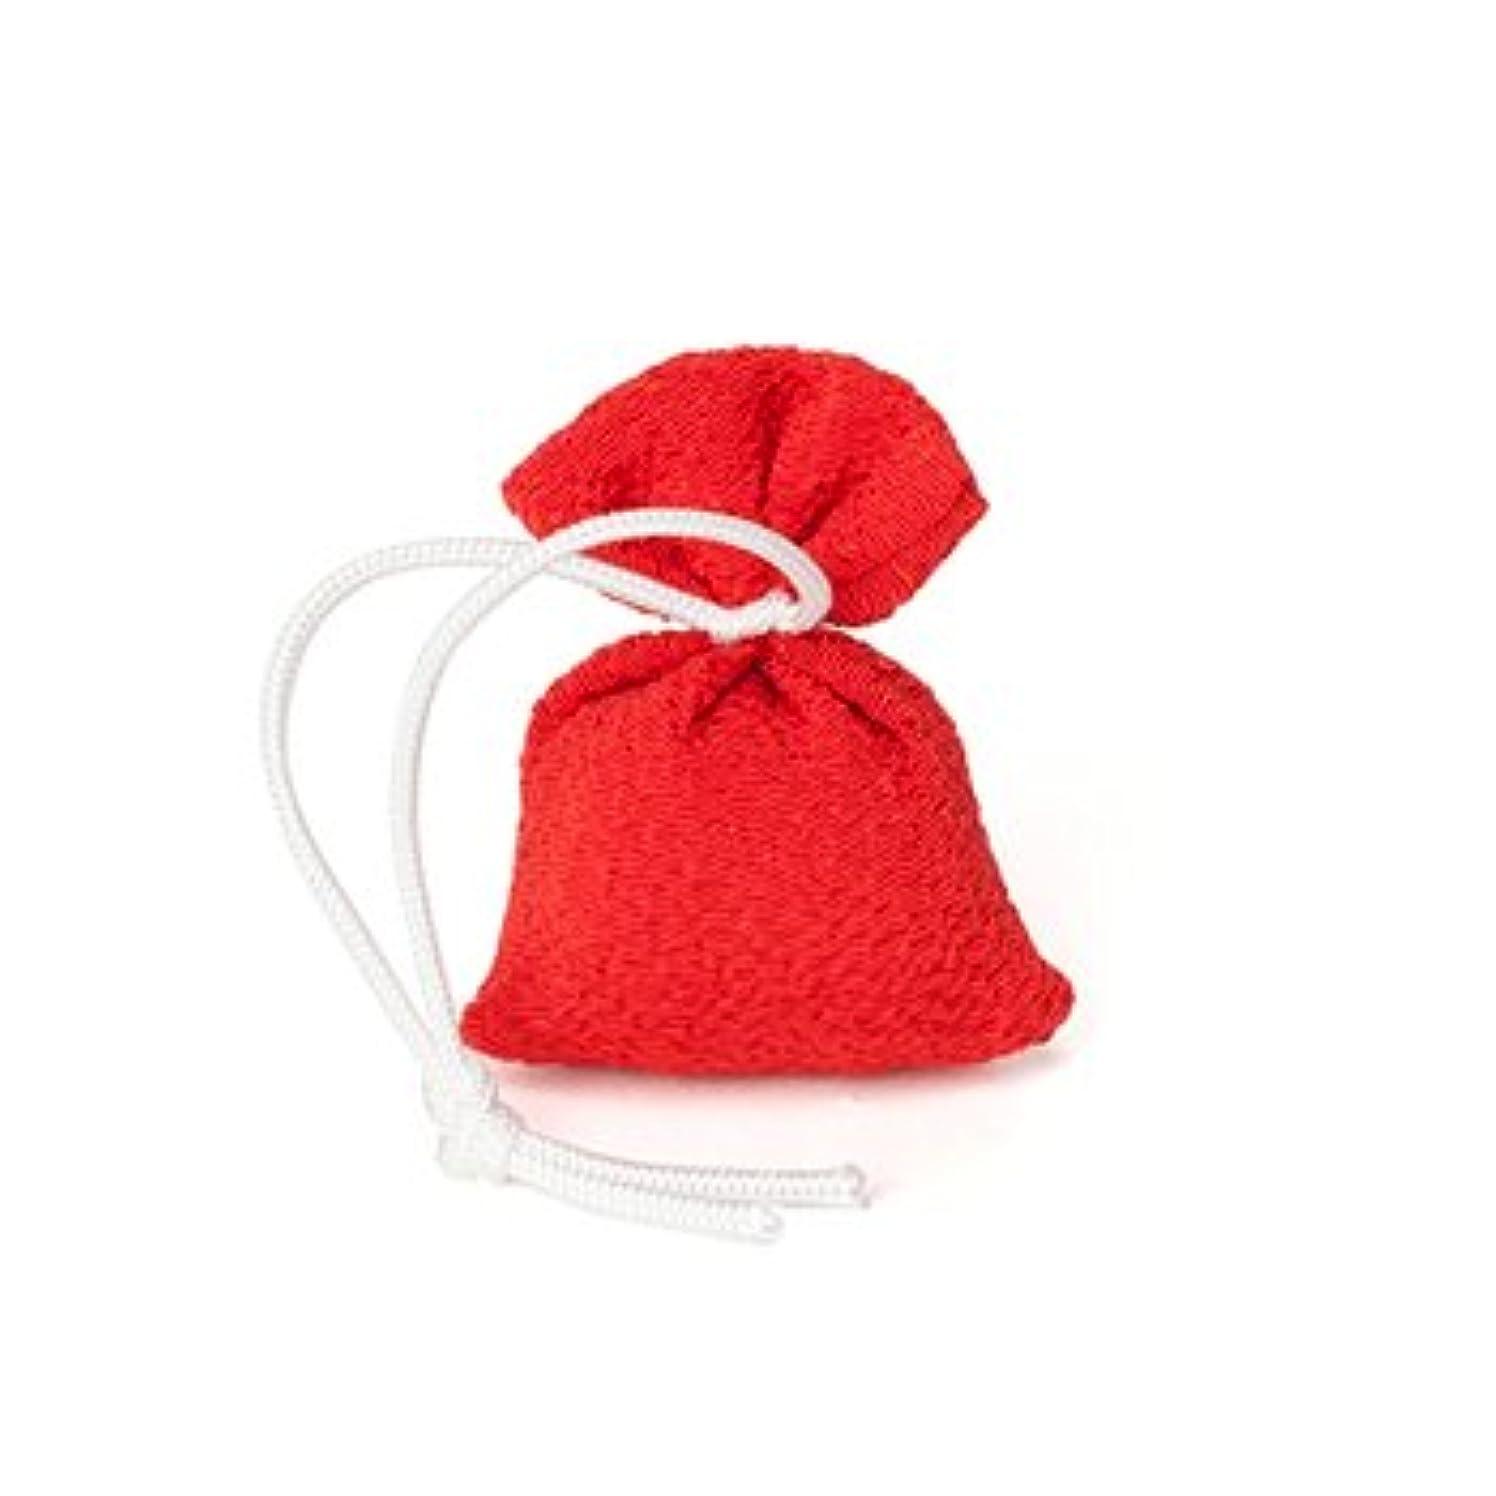 バランスのとれたヒョウリーガン松栄堂 匂い袋 誰が袖 携帯用 1個入 ケースなし (色をお選びください) (赤)